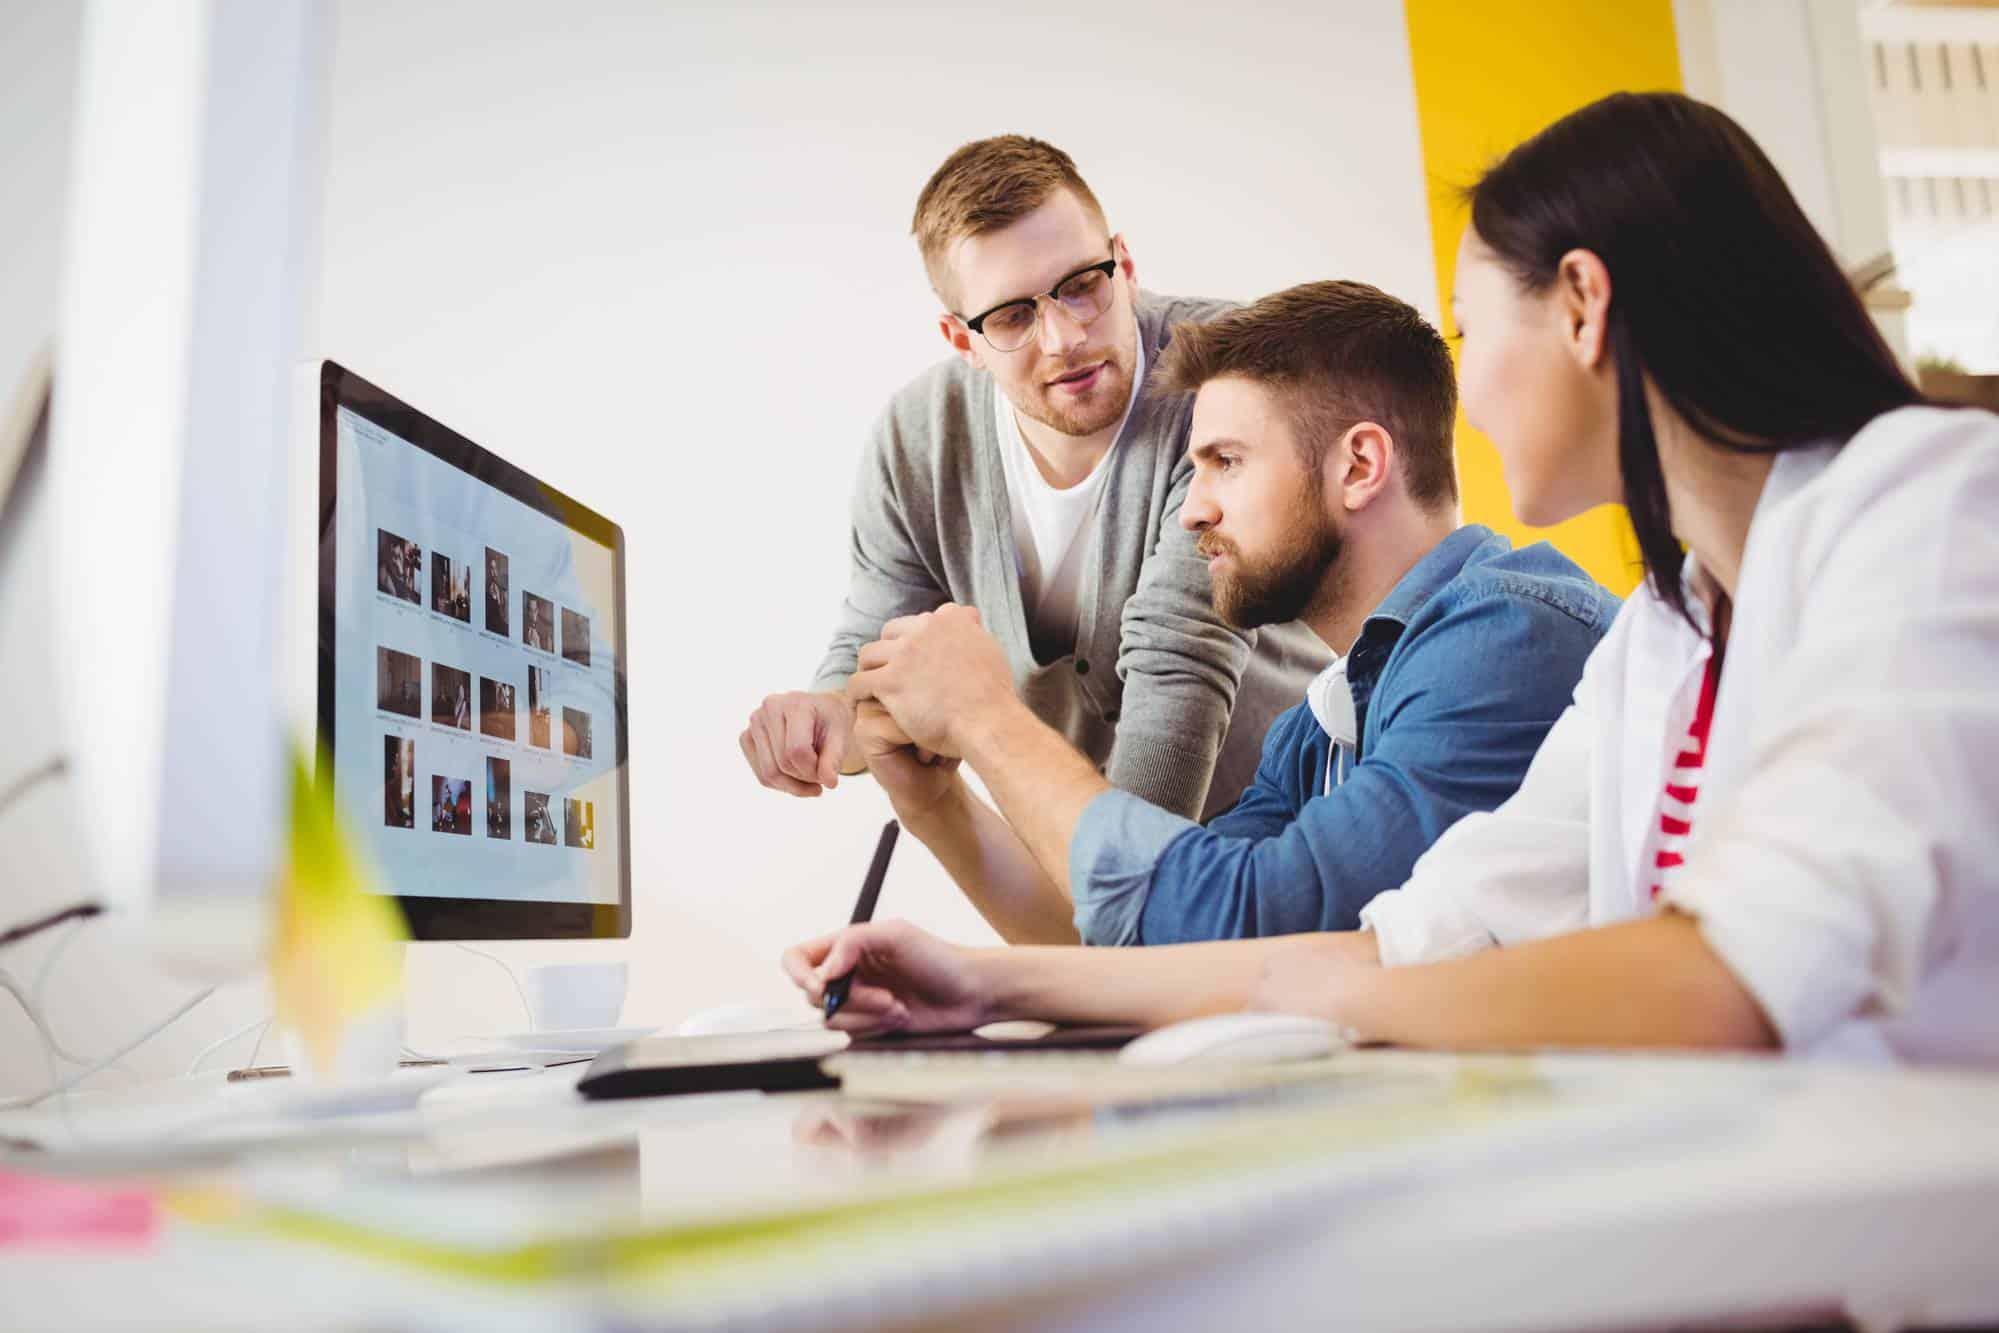 https://cursandoonline.com.br/curso-de-marketing-digital-em-santos/